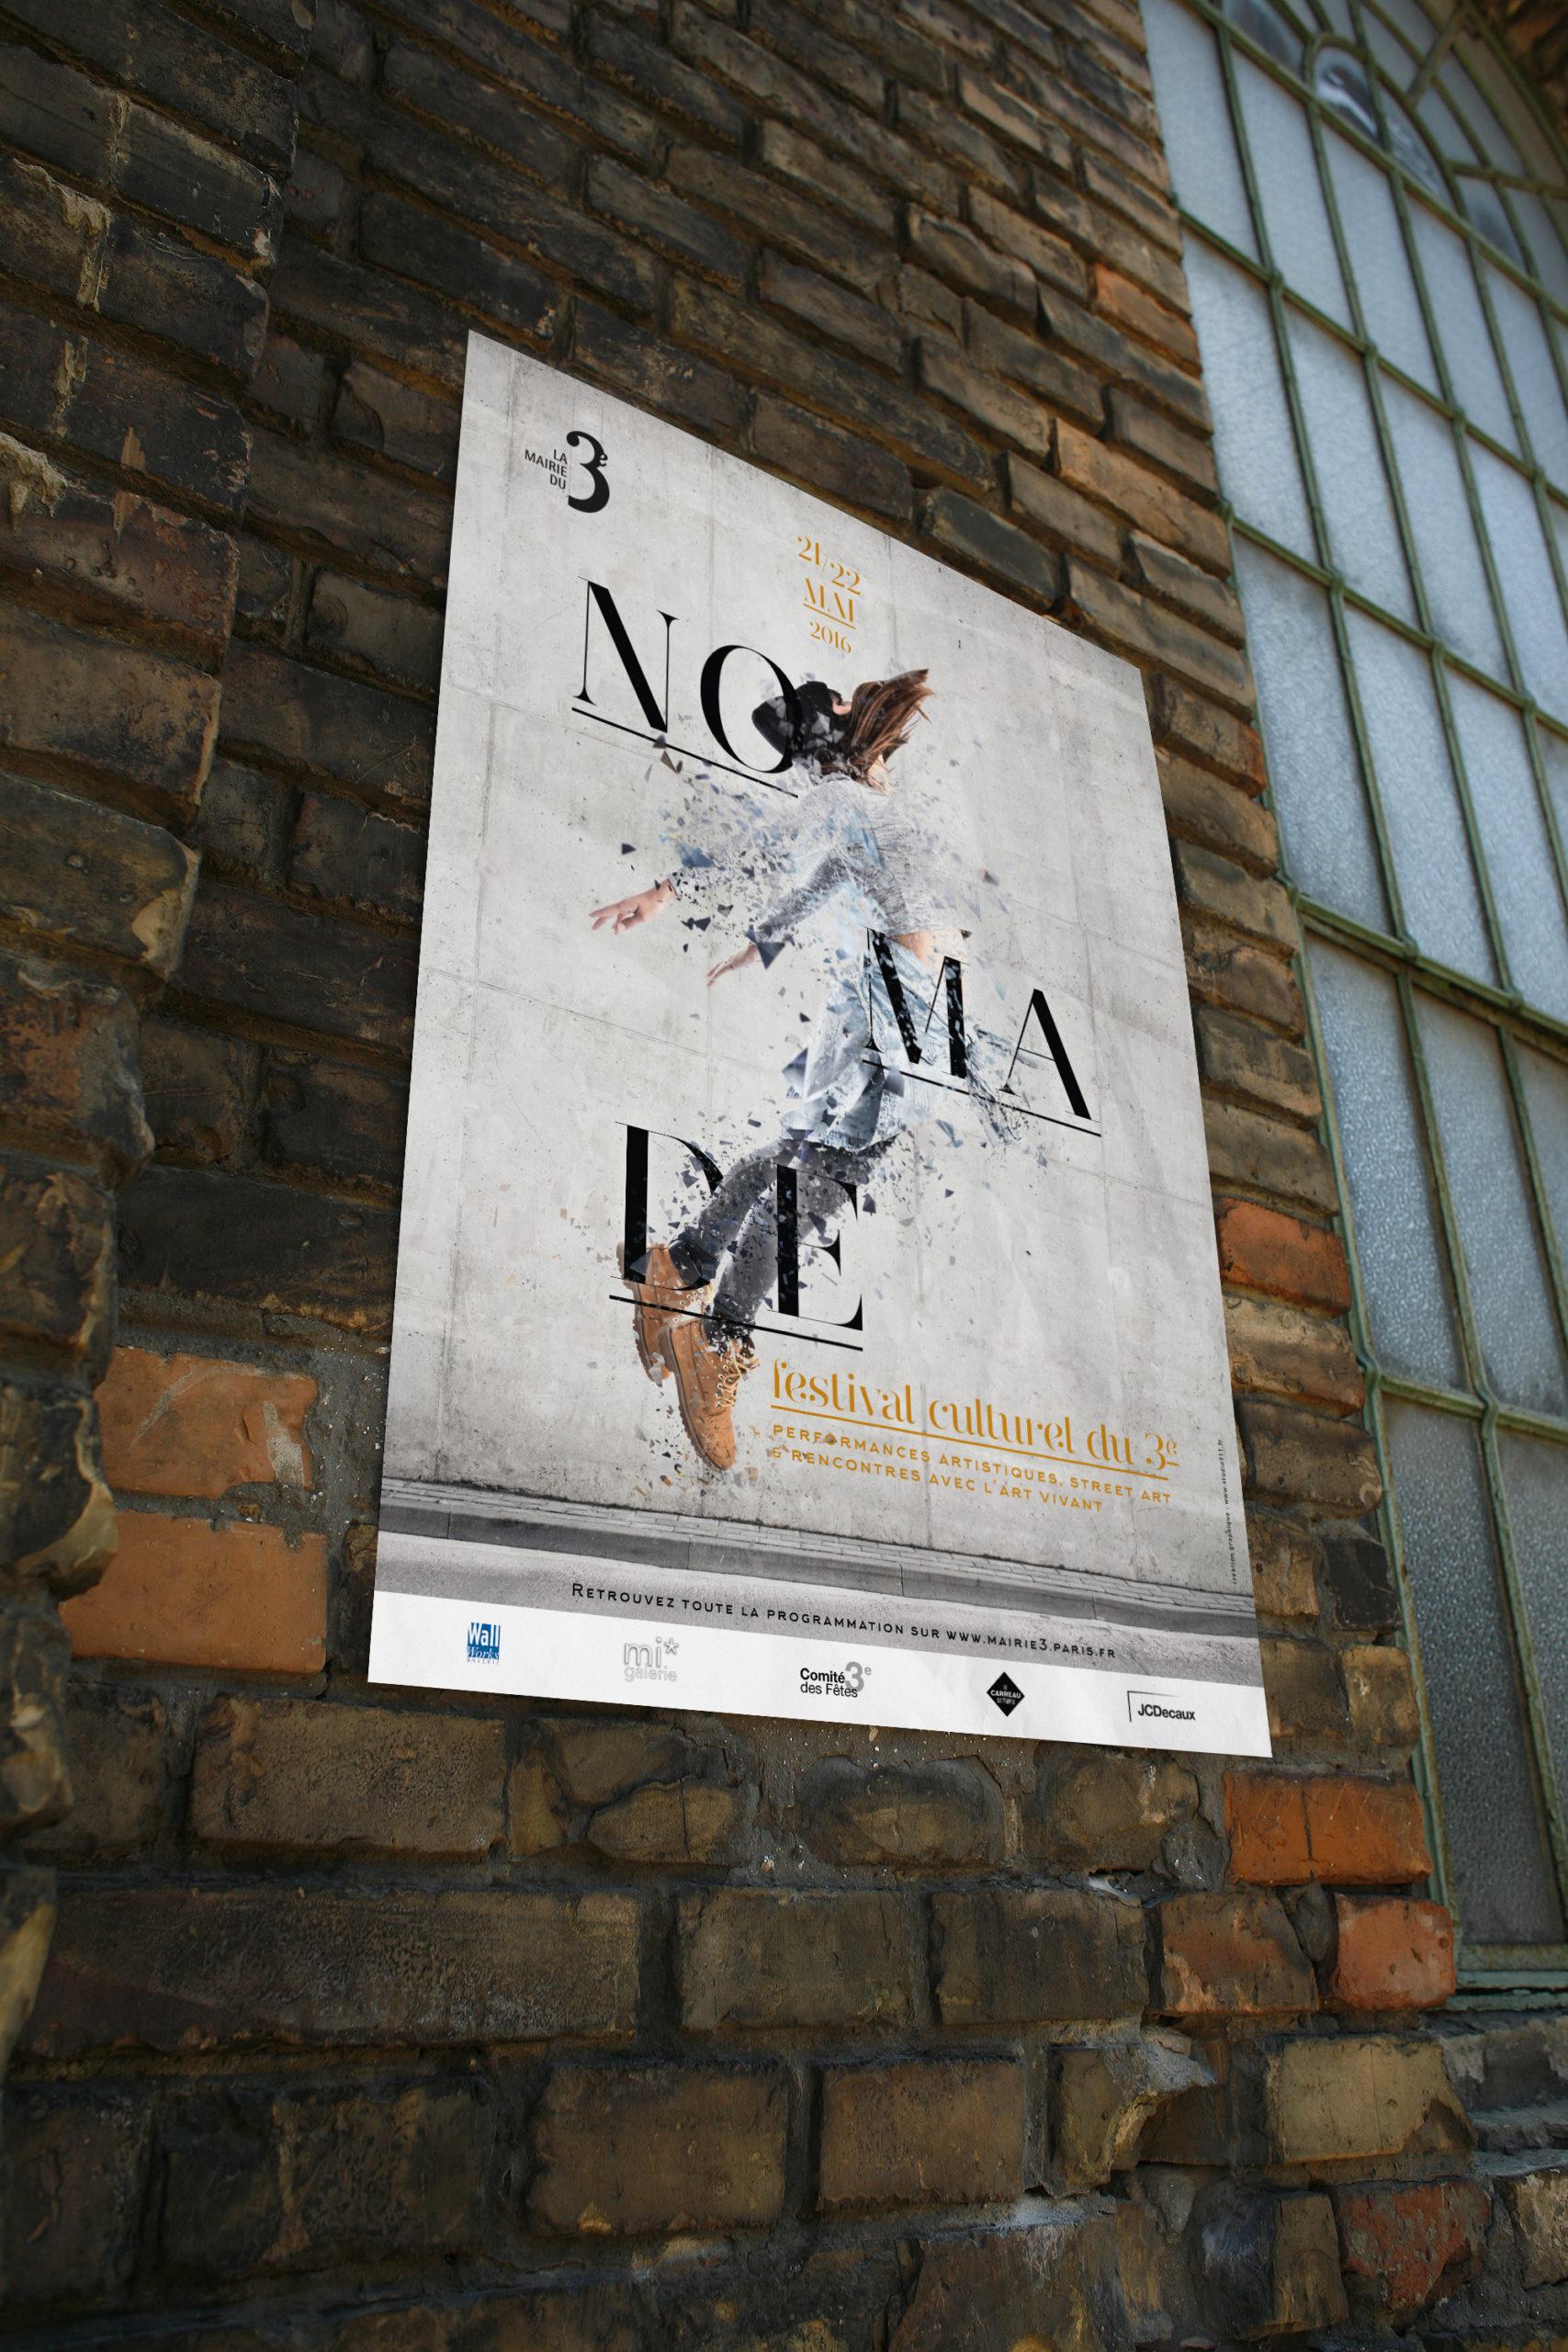 Création de l'affiche pour la mairie de paris du festival Nomade